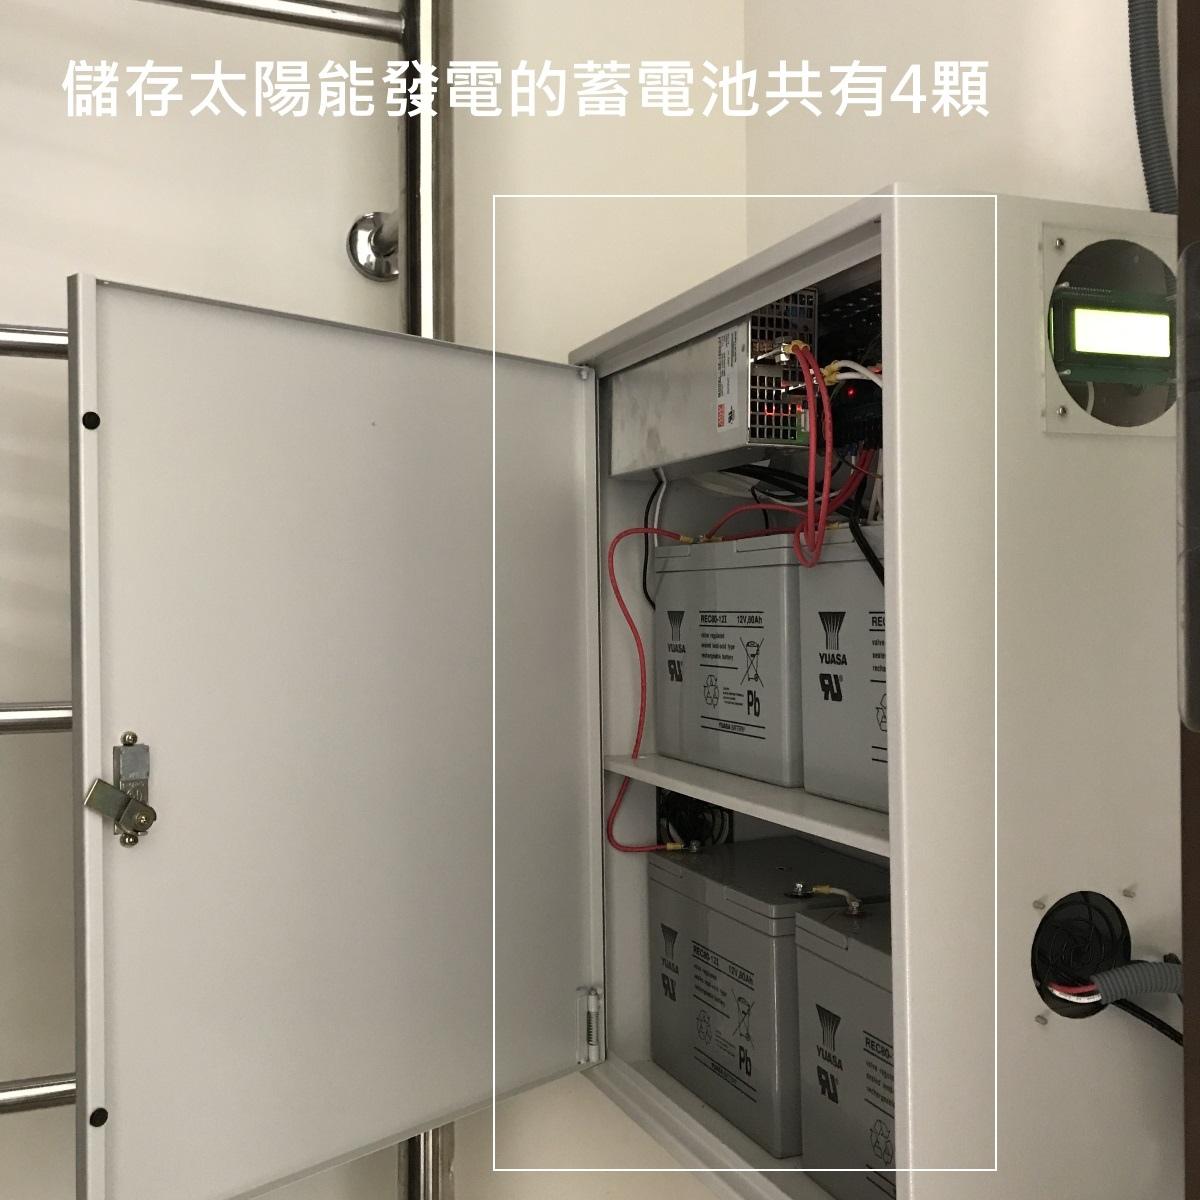 [專題報導]停電怎麼辦?深耕11有解-10.JPG